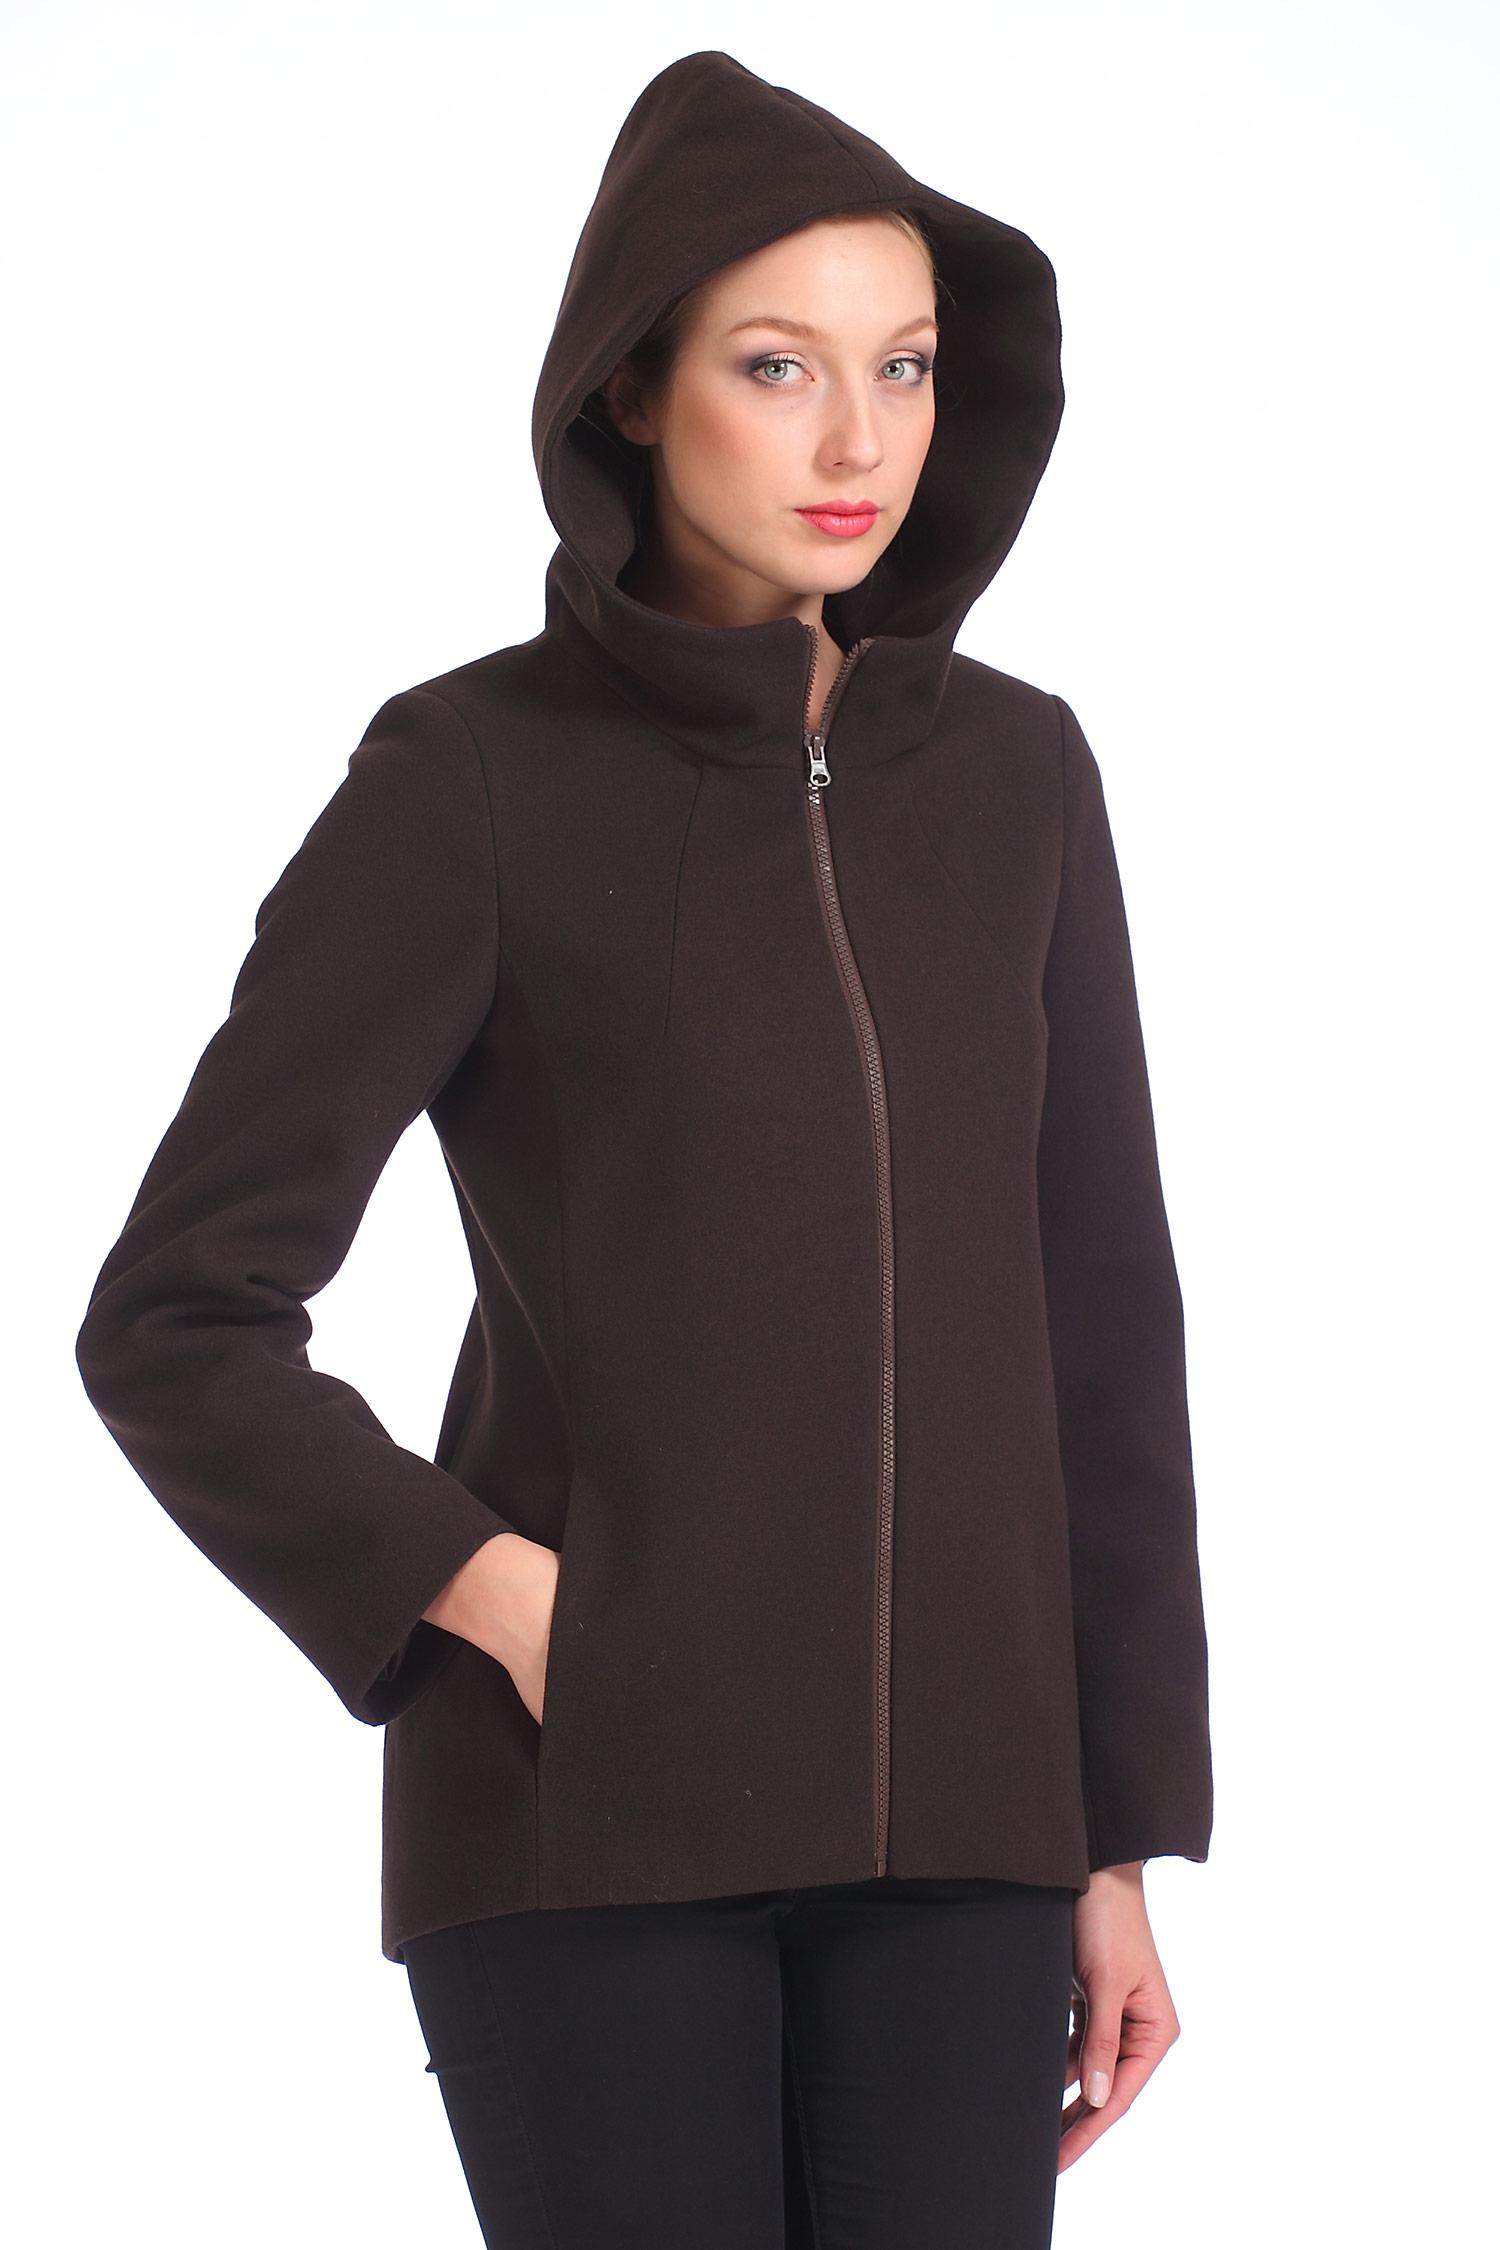 Женское пальто с капюшоном, без отделки<br><br>Воротник: капюшон<br>Длина см: Короткая (51-74 )<br>Материал: Комбинированный состав<br>Цвет: коричневый<br>Вид застежки: центральная<br>Застежка: на молнии<br>Пол: Женский<br>Размер RU: 48